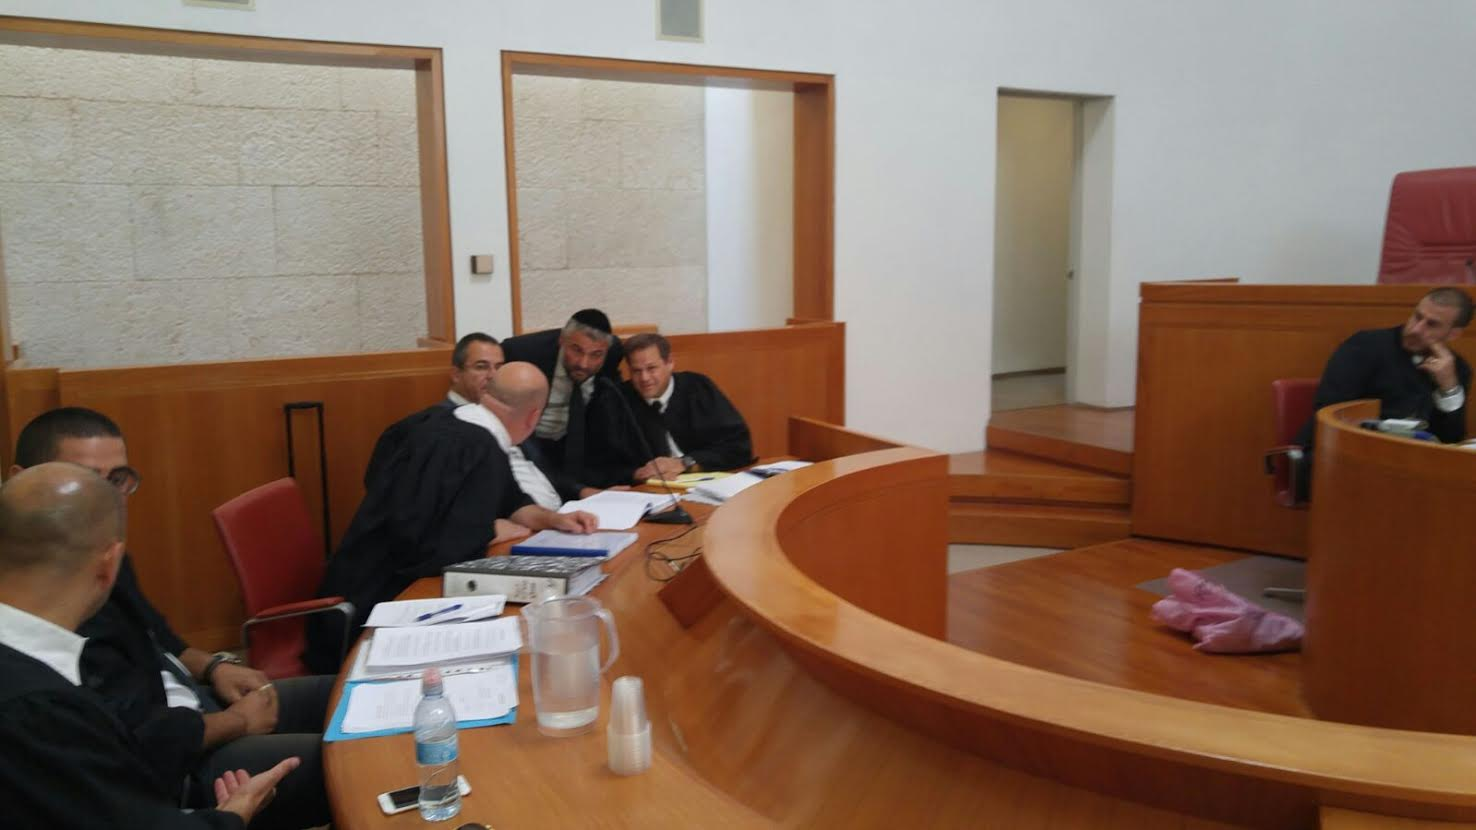 משפט השלטים: בית המשפט ביקש את התערבות המשטרה בכדי לגבות את עבודת העירייה